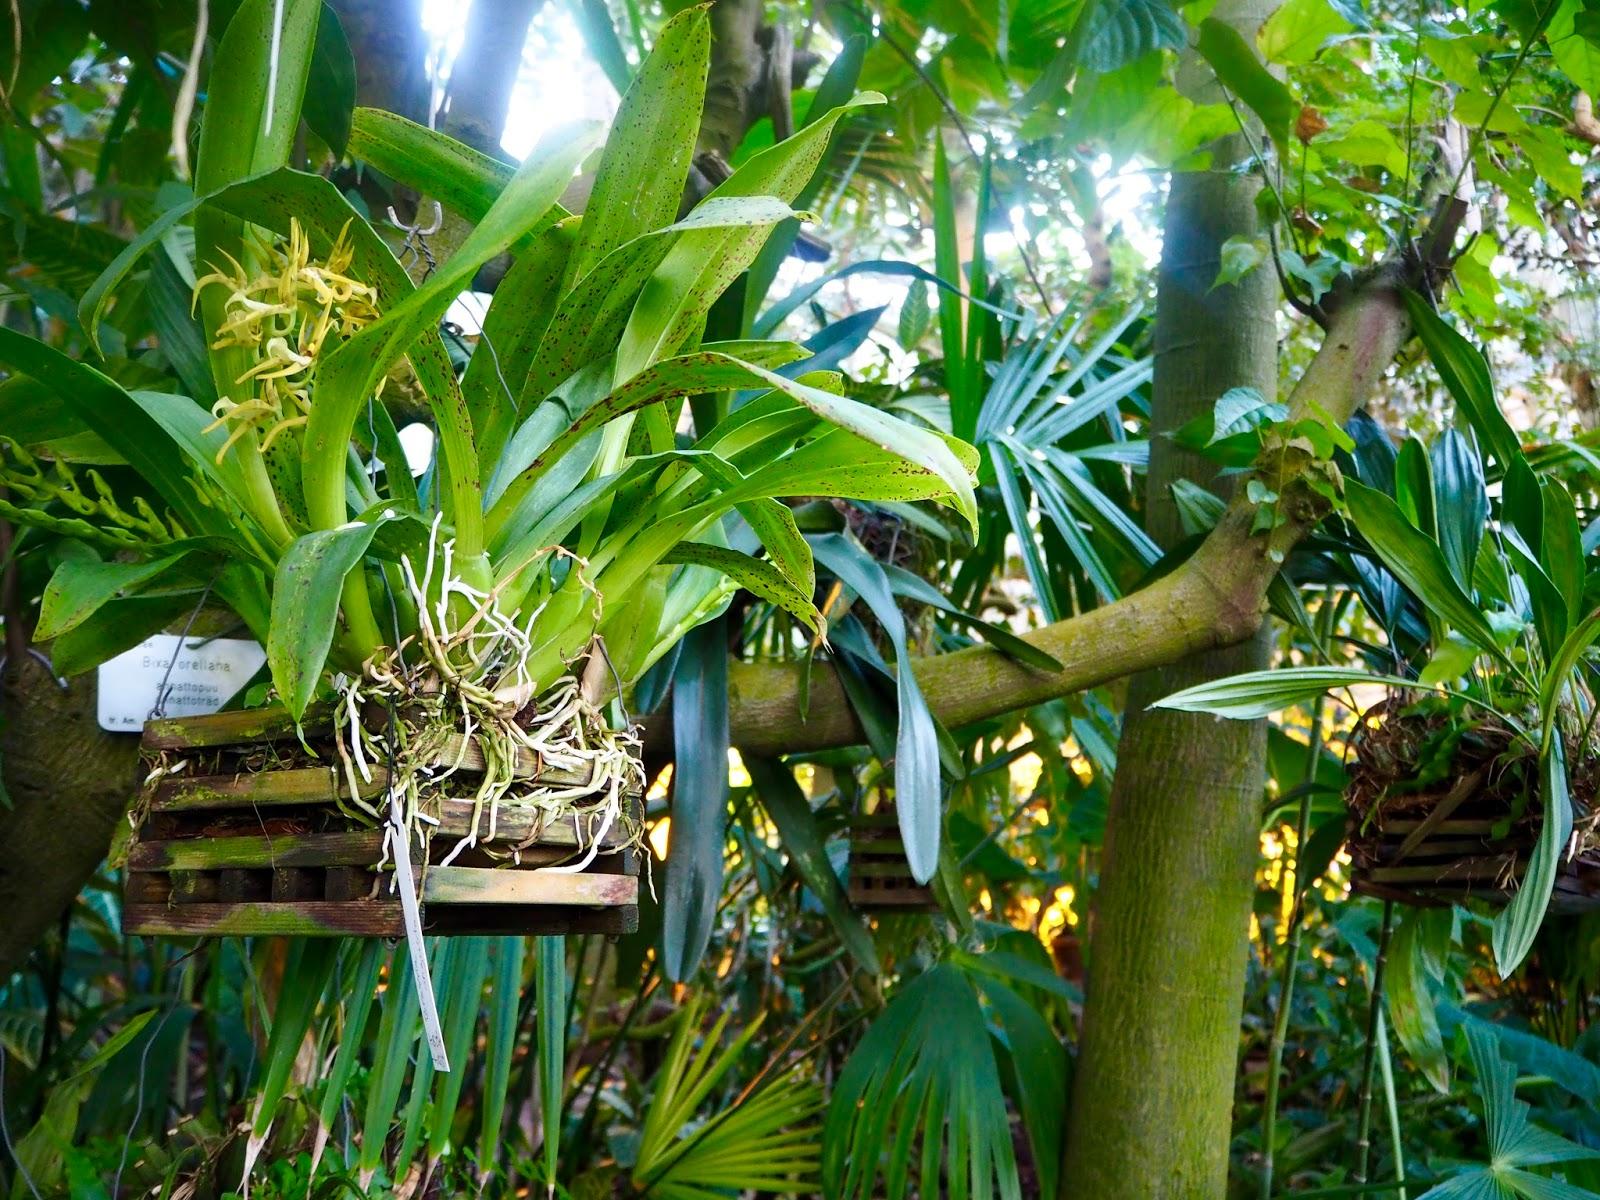 Ympärillä on upeita ja erikoisia kasveja!